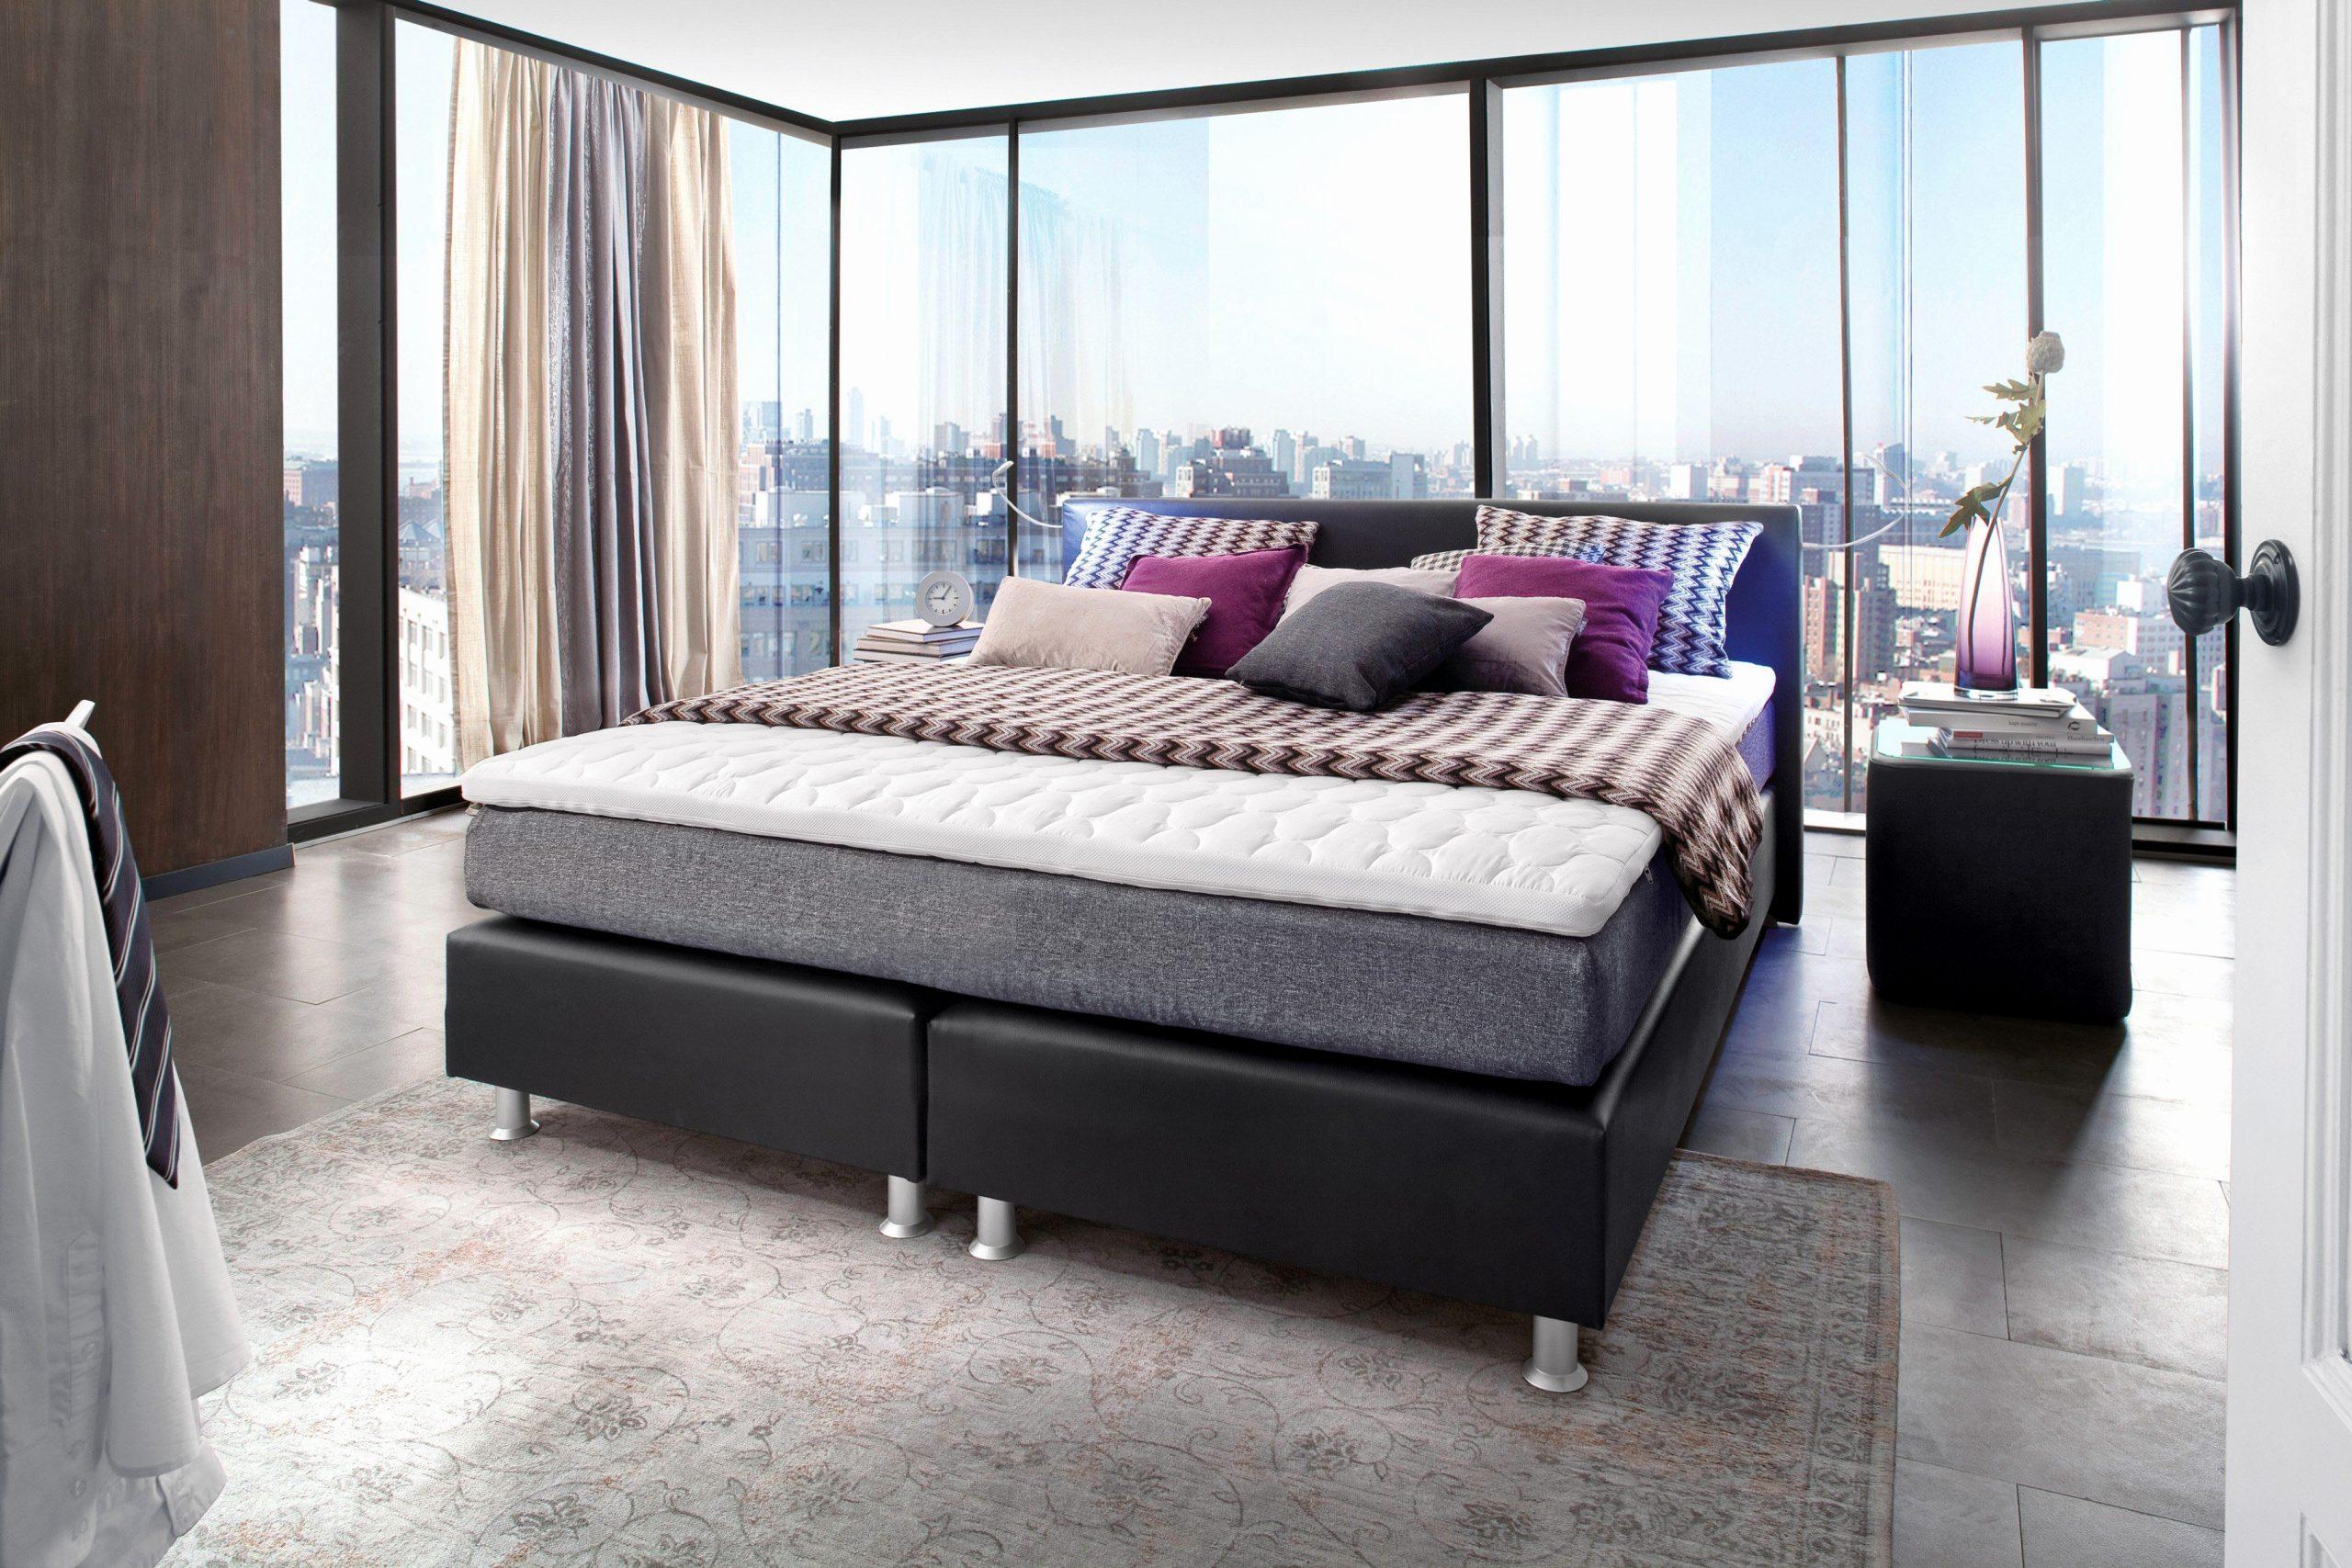 Full Size of Amerikanisches Bettgestell Bettzeug King Size Bett Kaufen Kissen Mit Vielen Hoch Amerikanische Betten Beziehen Typisches Schlafzimmer 90x190 Bettwäsche Bett Amerikanisches Bett